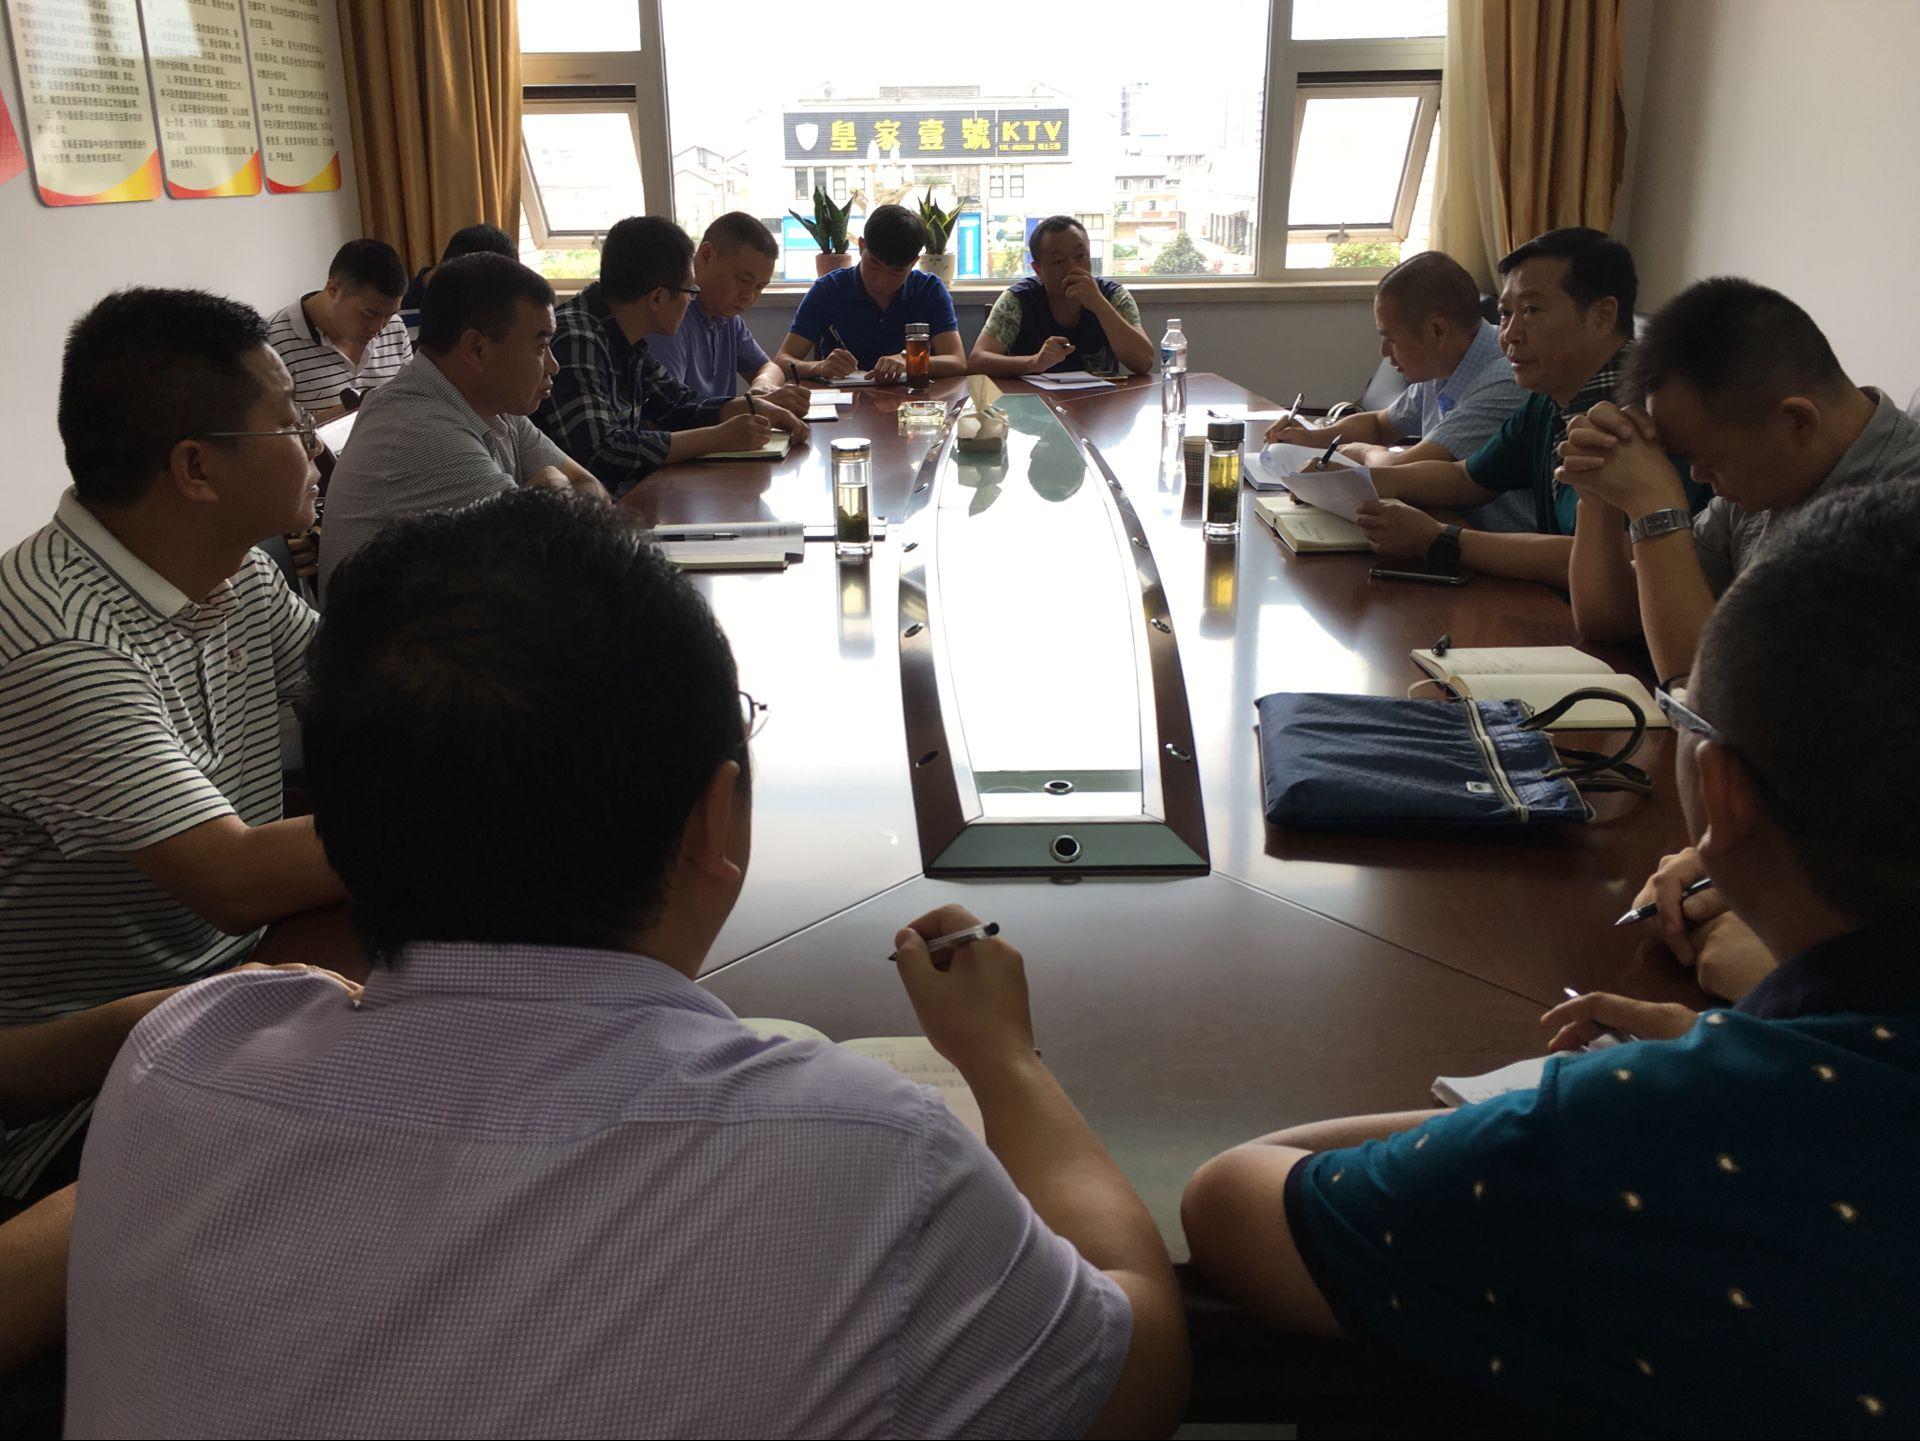 雅安市水务局迅速对芦山县宝盛乡中坝村群众反映问题(信20170907011)进行调查办理